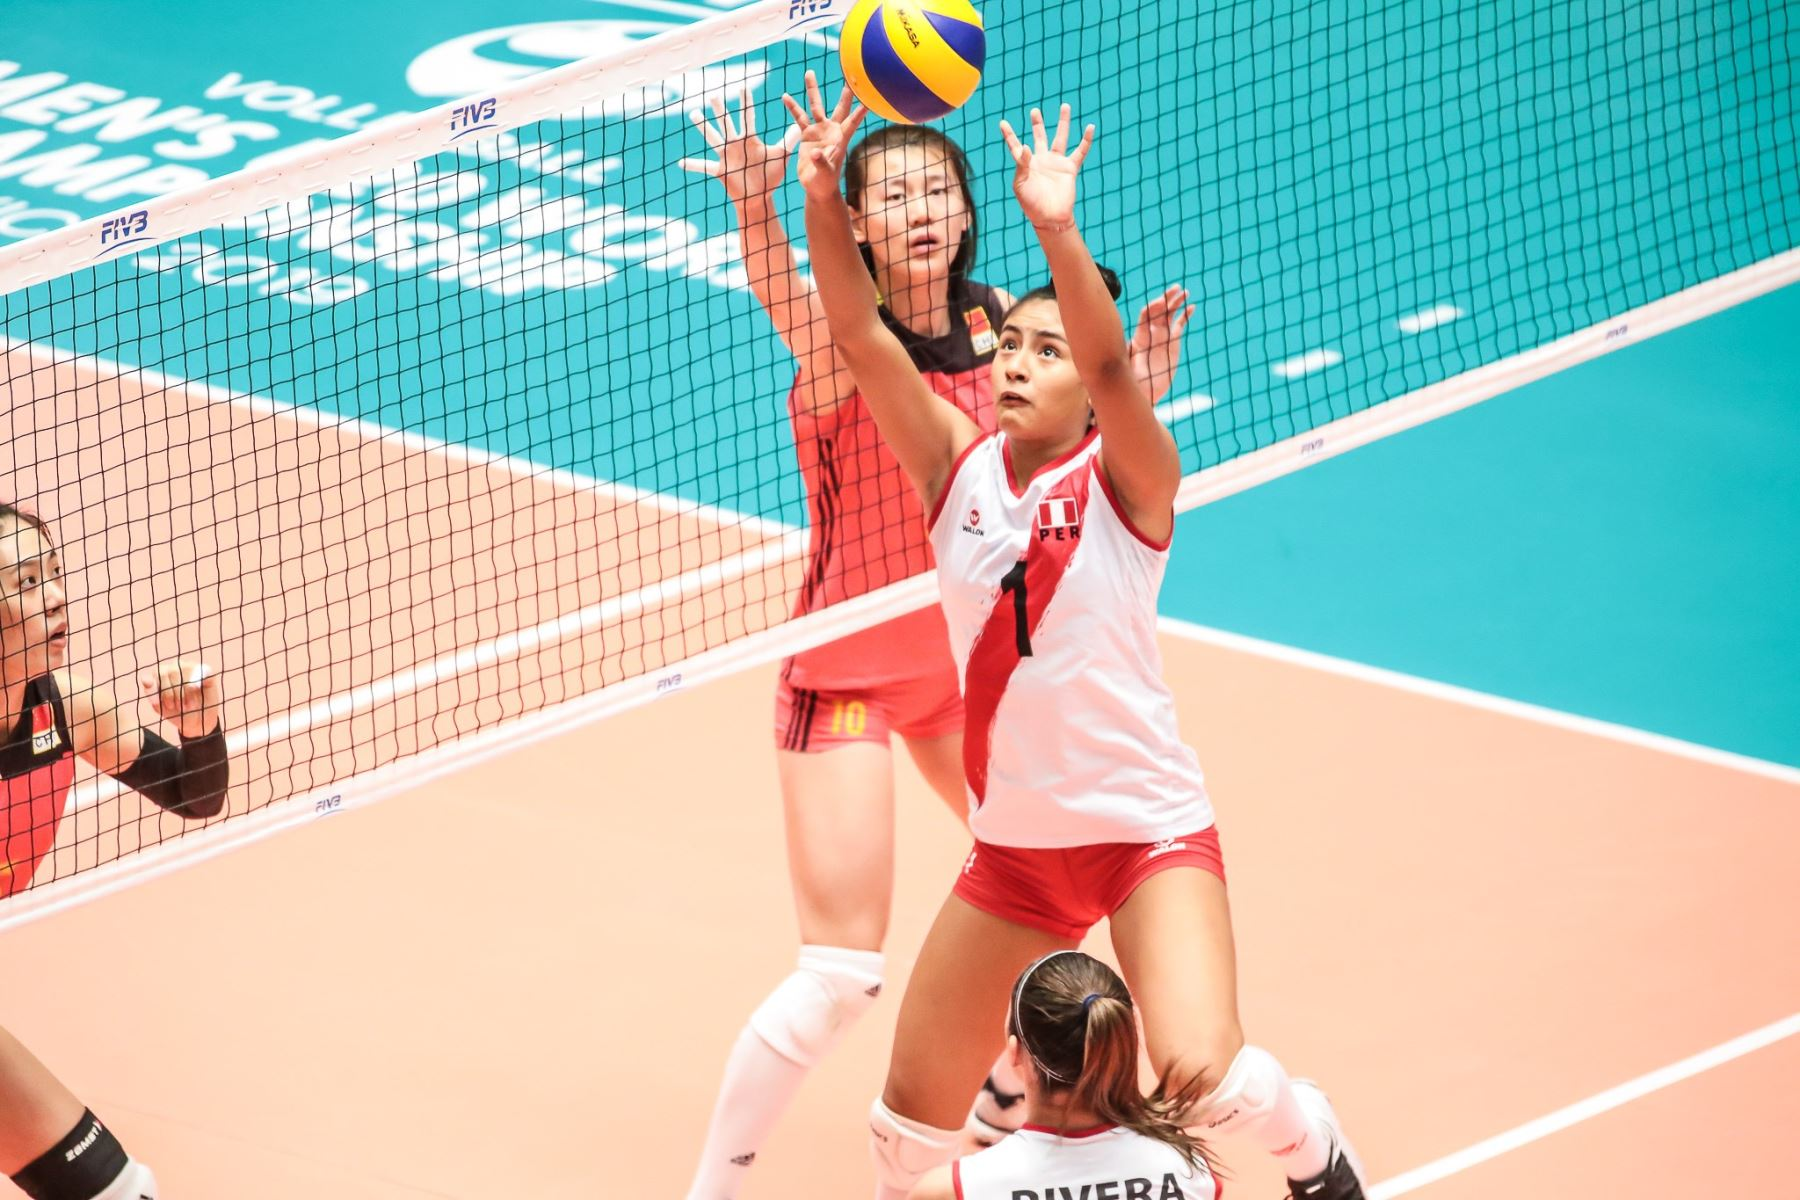 La selección peruana de vóley ganó 3-2 a China en su debut en el Mundial de Voleibol Sub 20 México 2019.Foto: ANDINA/FPV